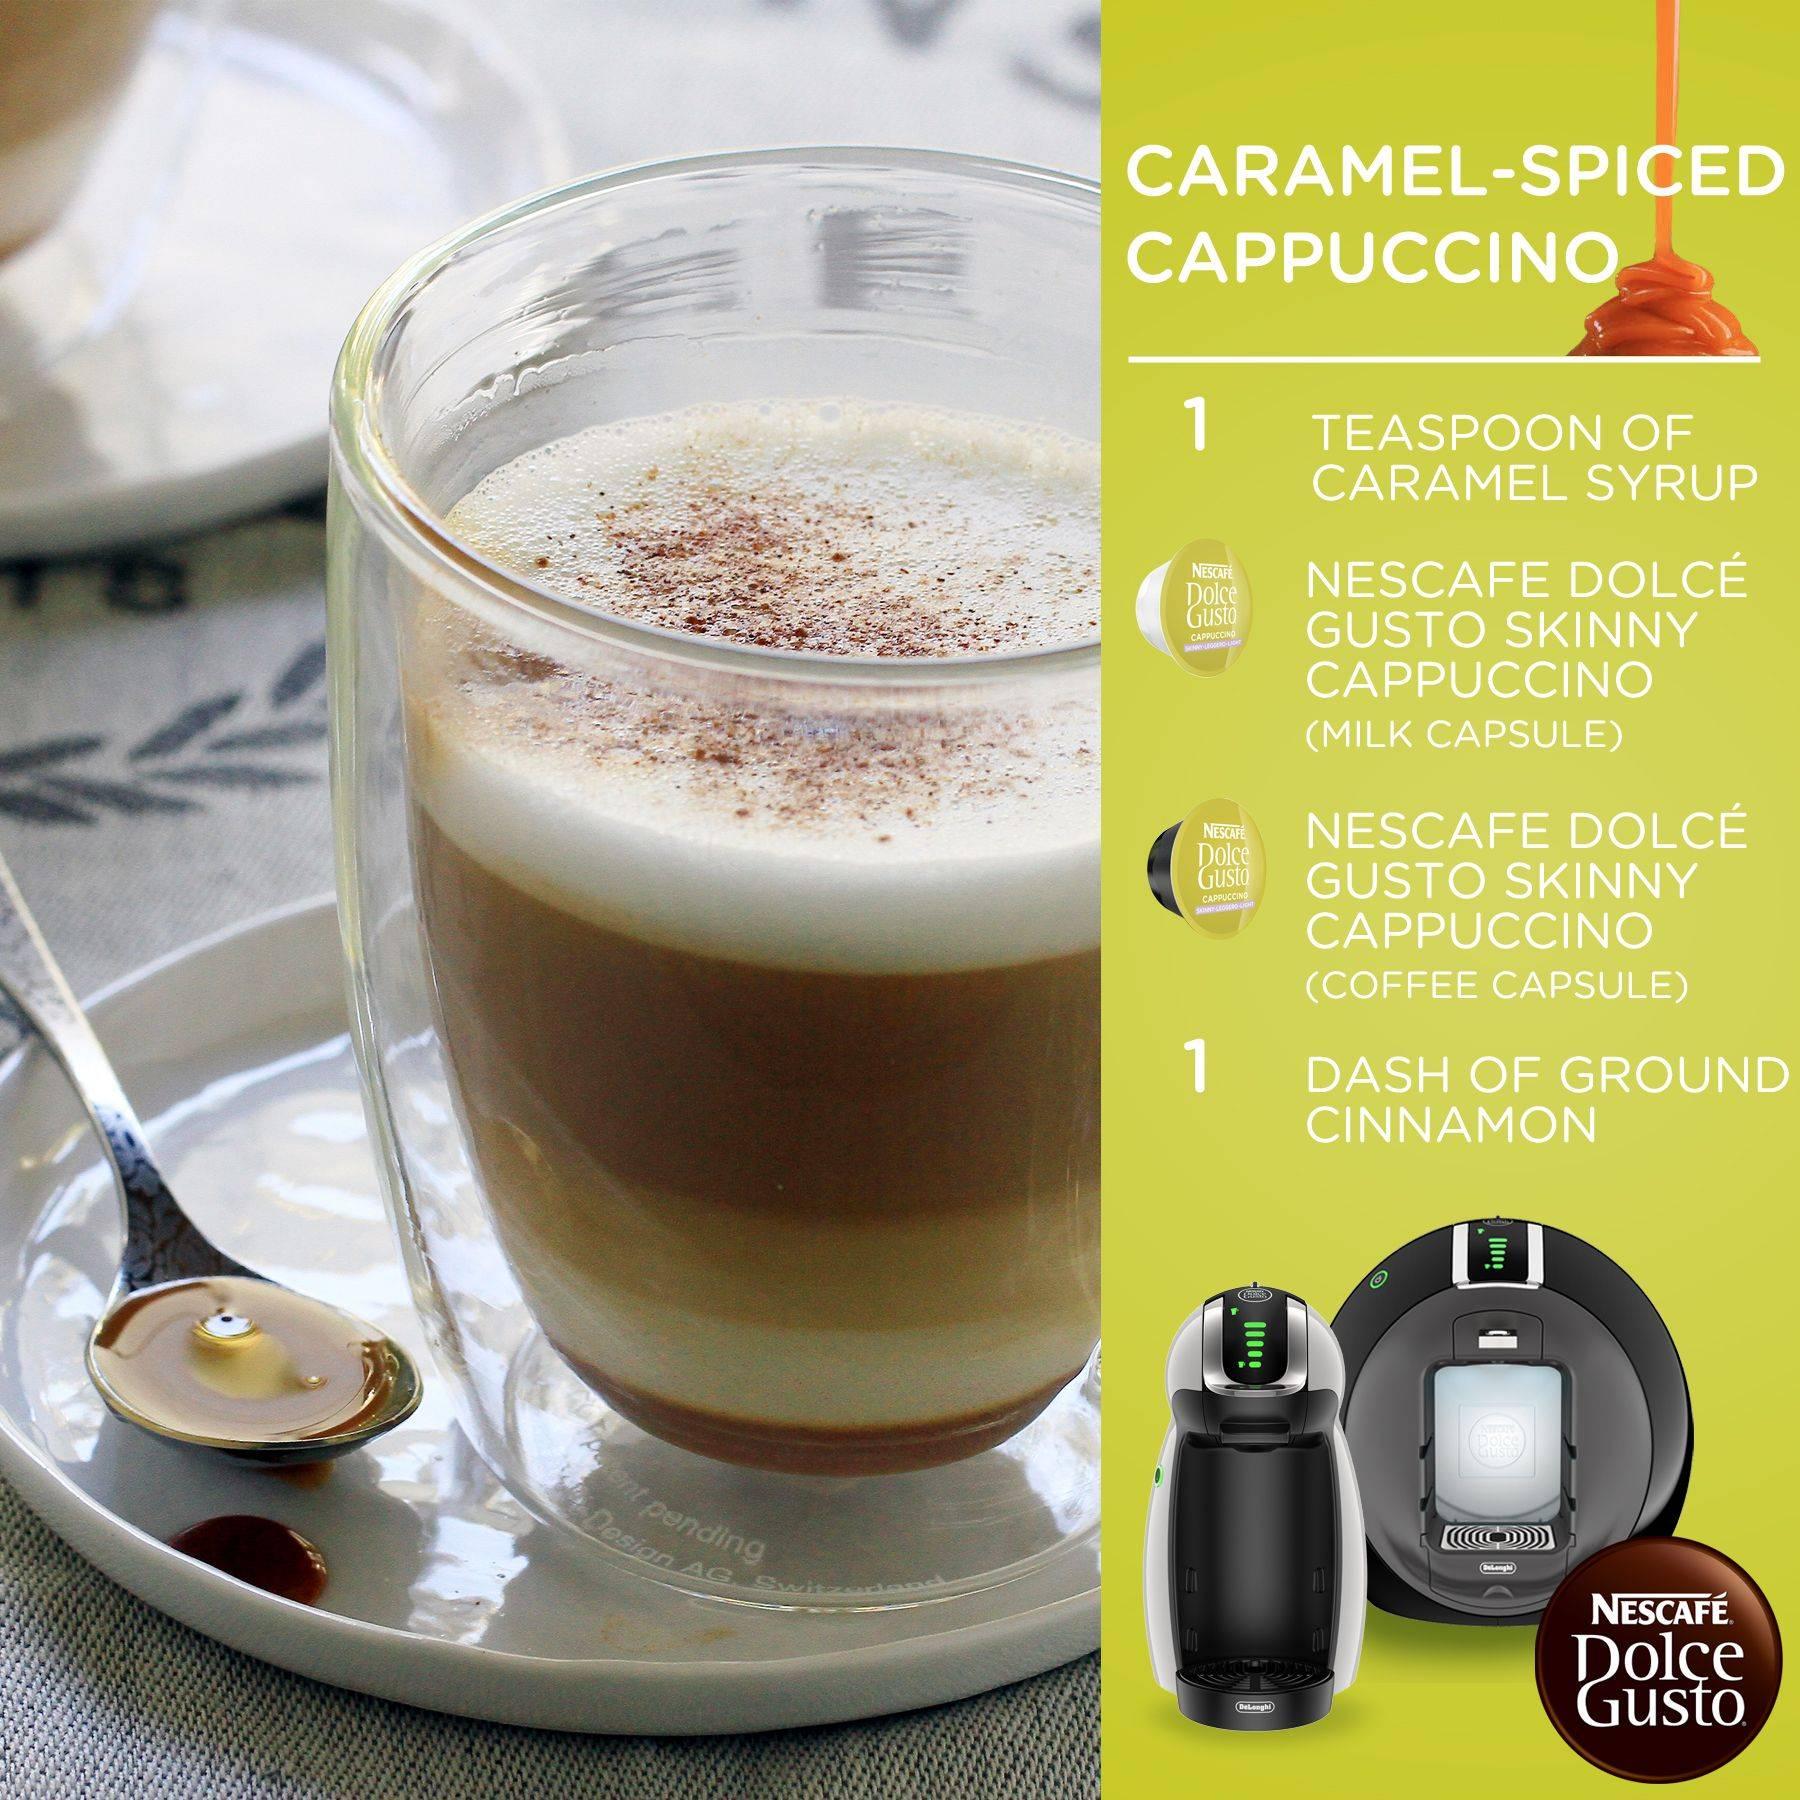 Как приготовить кофе капучино в домашних условиях